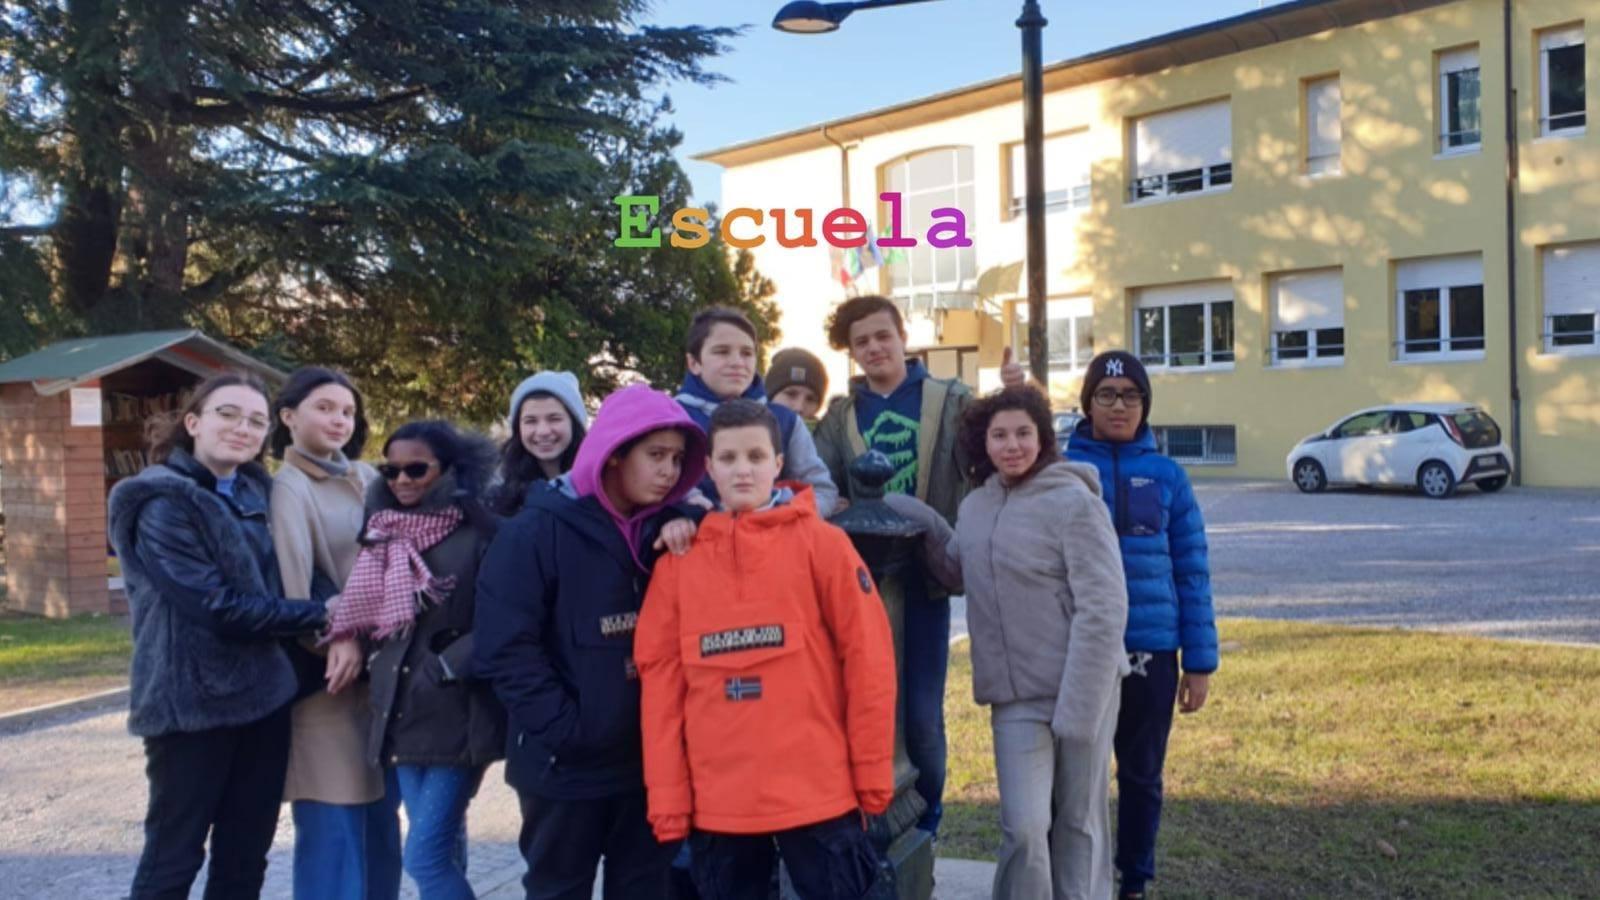 Lezioni di spagnolo all'aperto